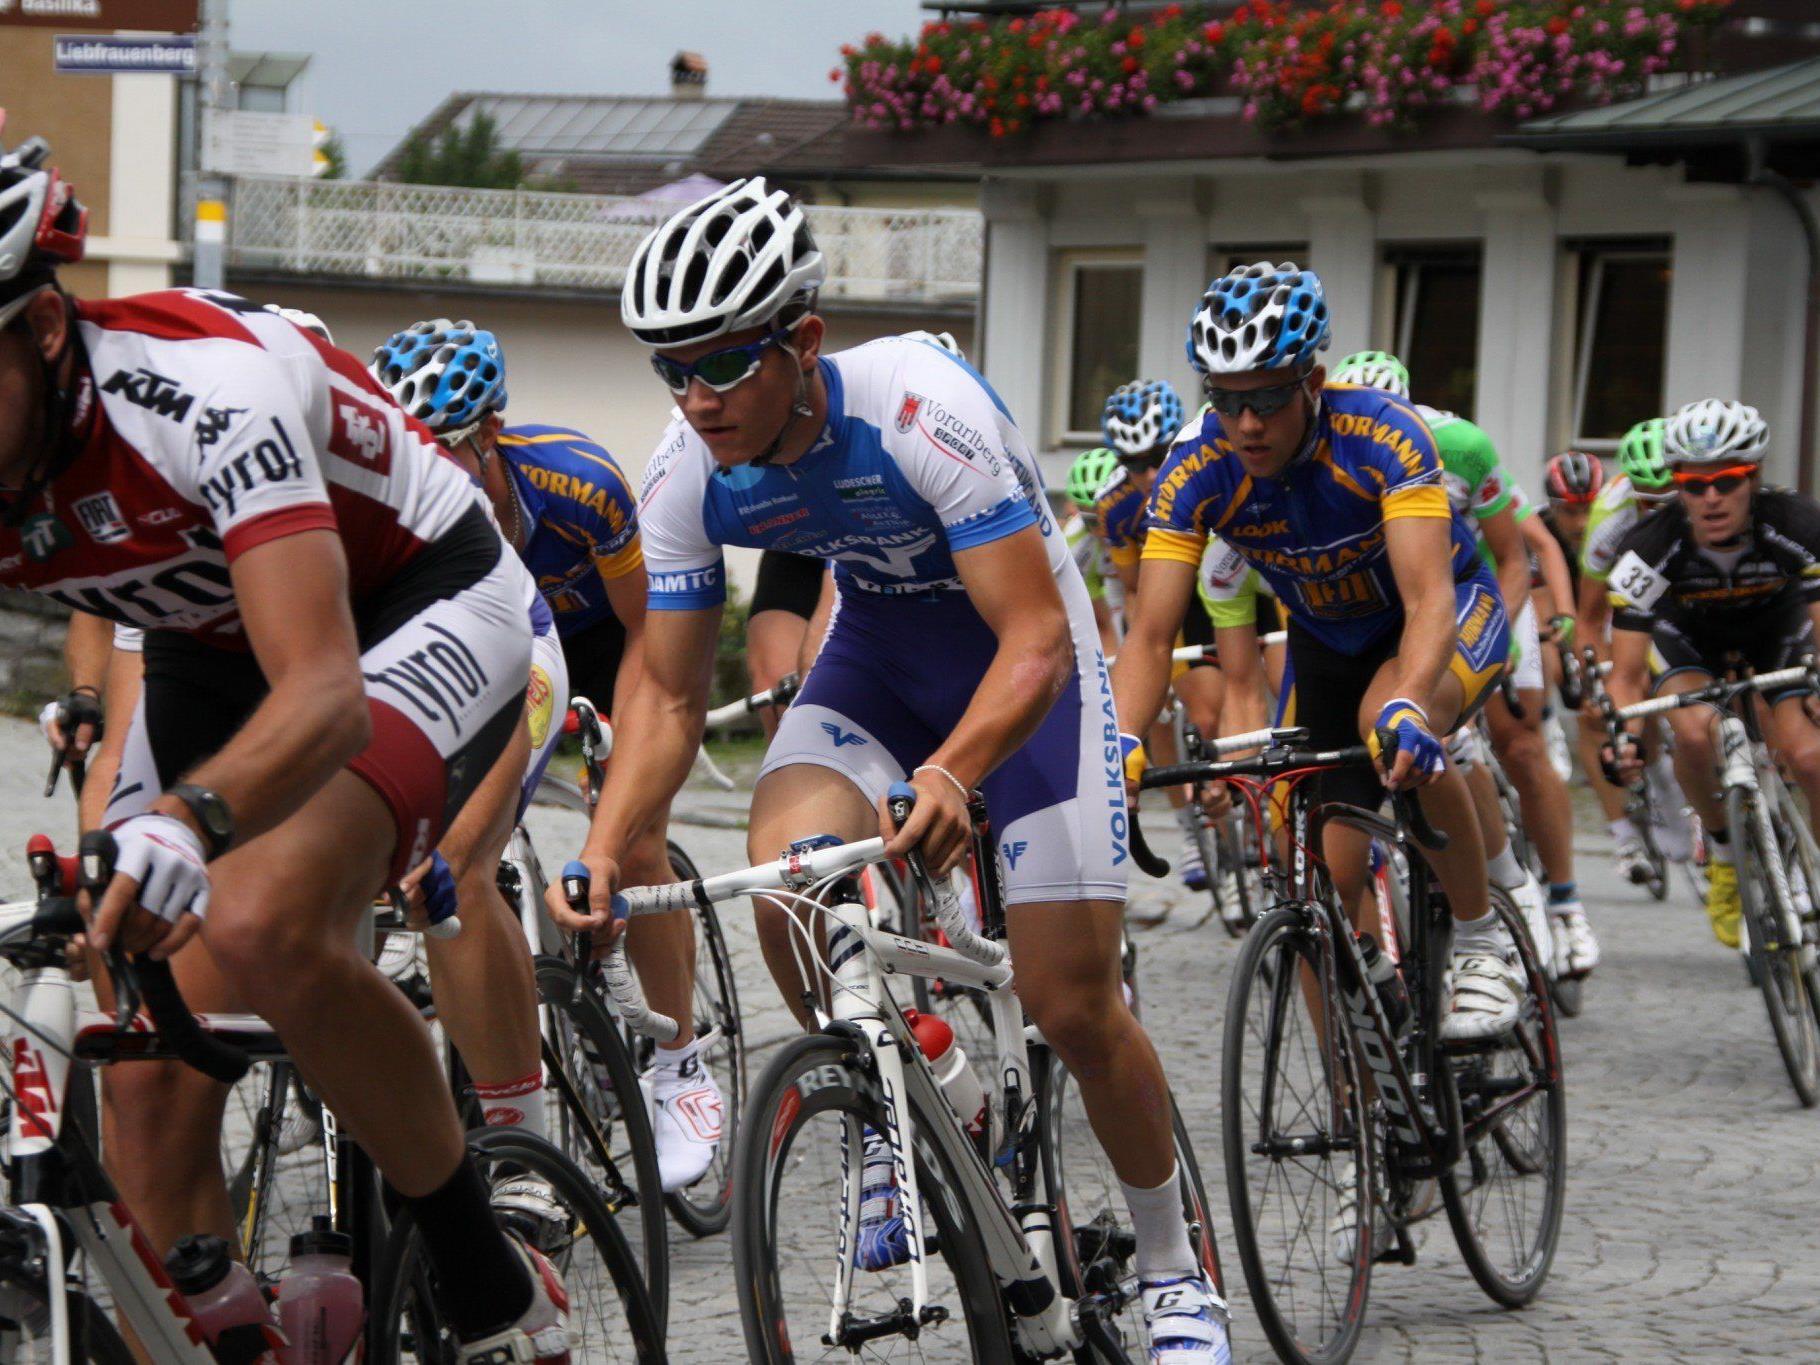 Die 66. internationale Österreich Radrundfahrt soll 2014 wieder in Vorarlberg Station machen.